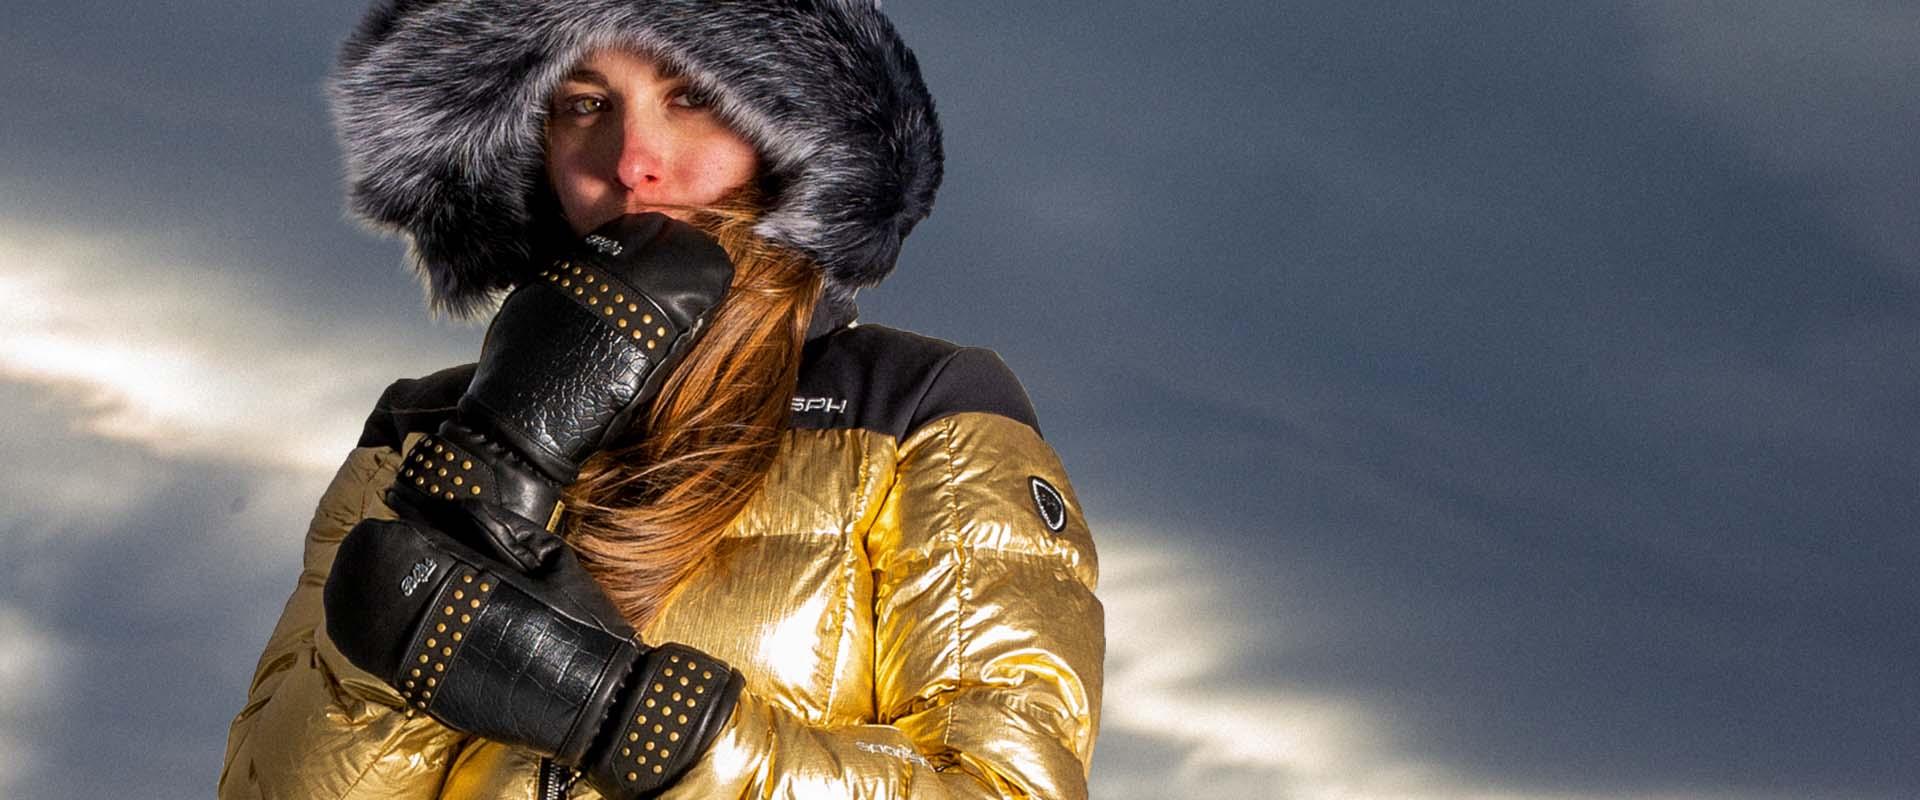 Women's warmest mitten - Dusty Mitt